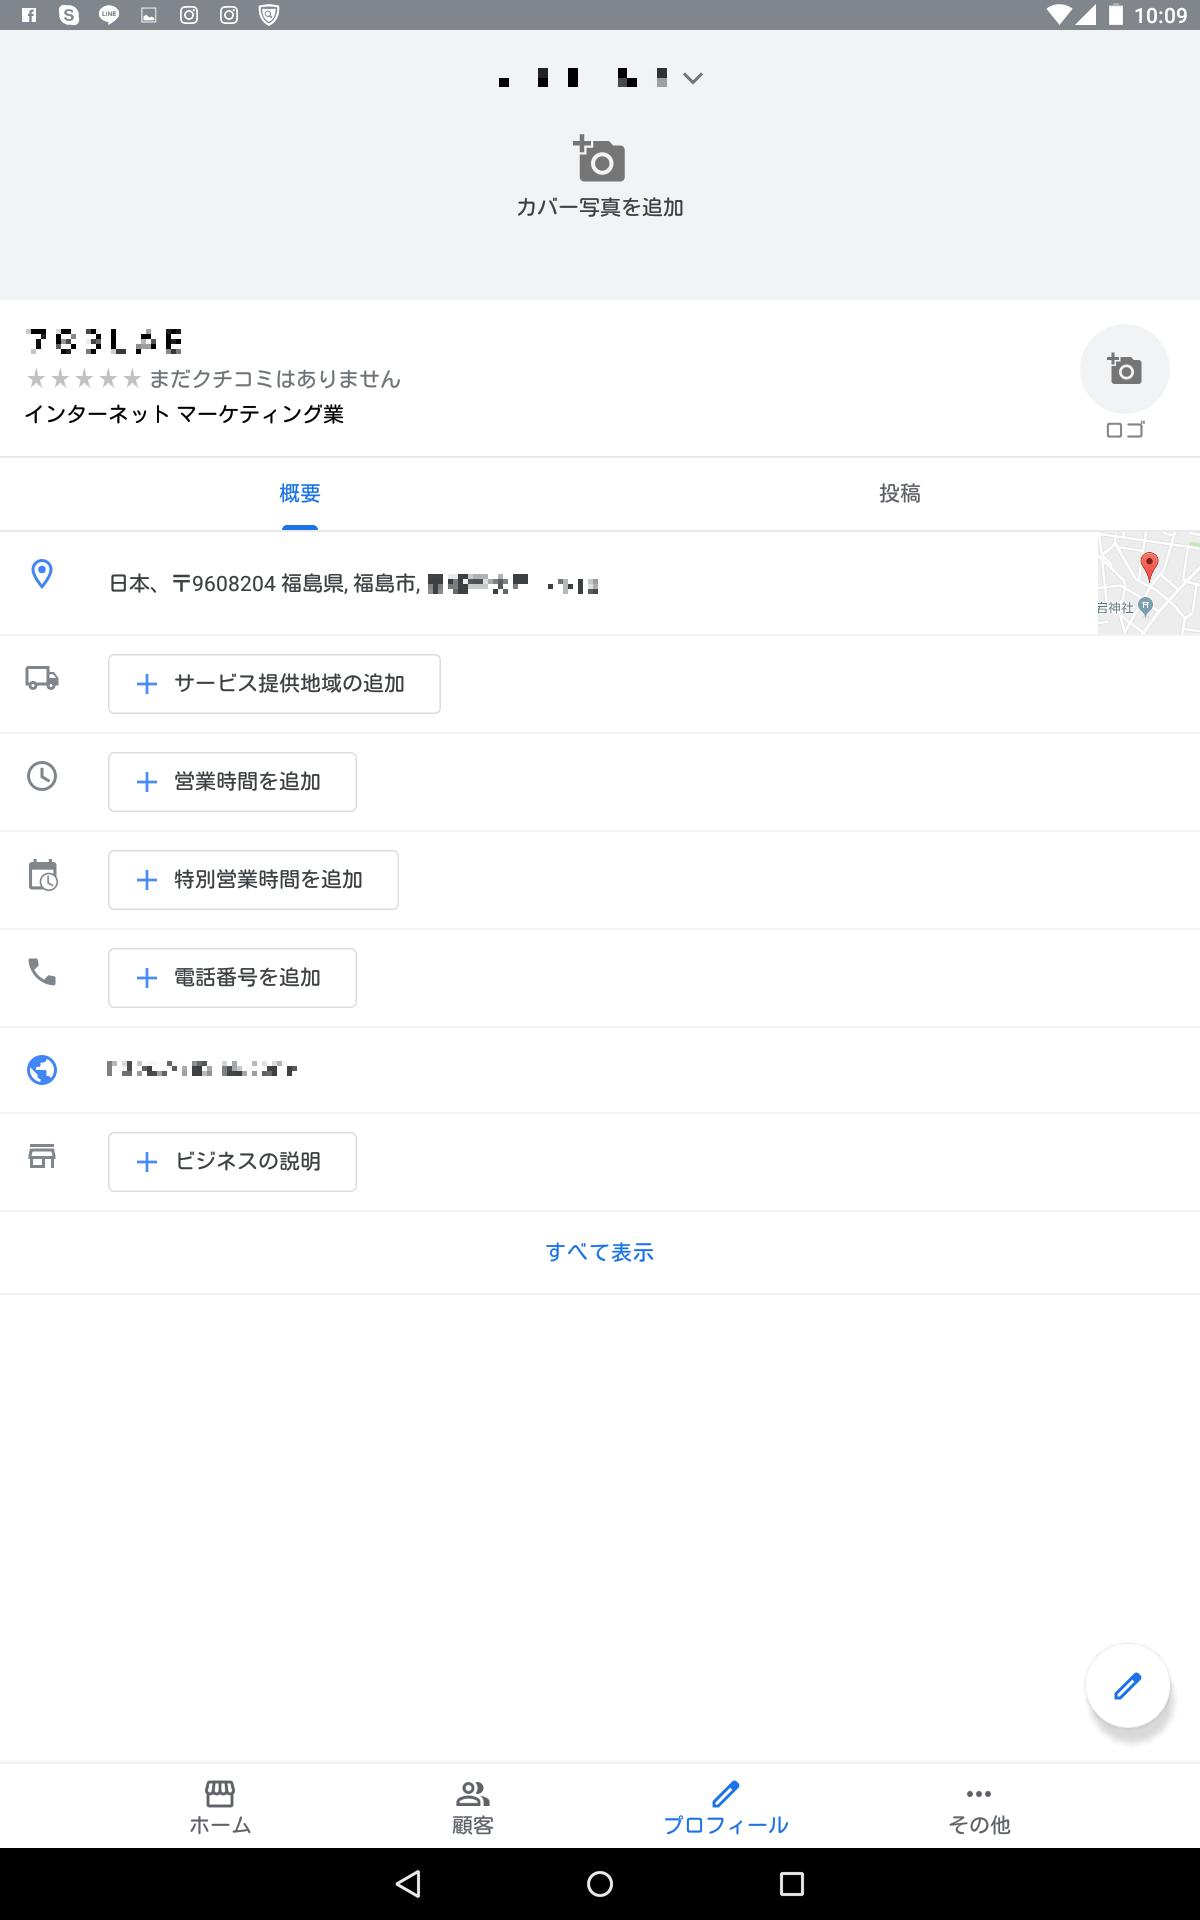 グーグルマイビジネス,基本情報